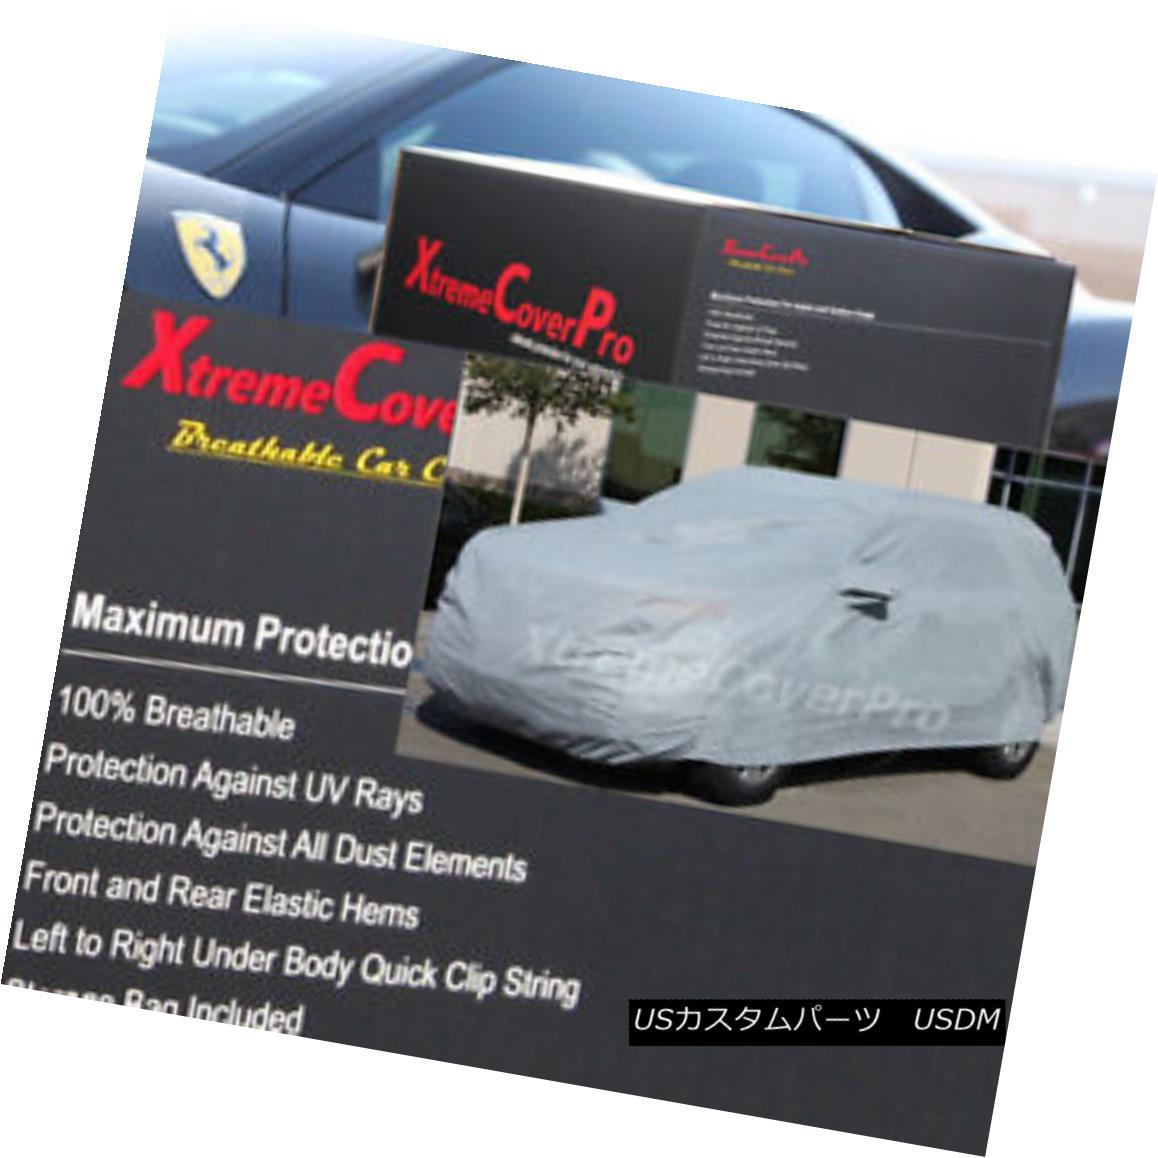 カーカバー 2004 2005 Mercedes ML320 ML350 ML430 ML500 Breathable Car Cover w/MirrorPocket 2004年2005年メルセデスML320 ML350 ML430 ML500通気性車カバー付き/ MirrorPocket